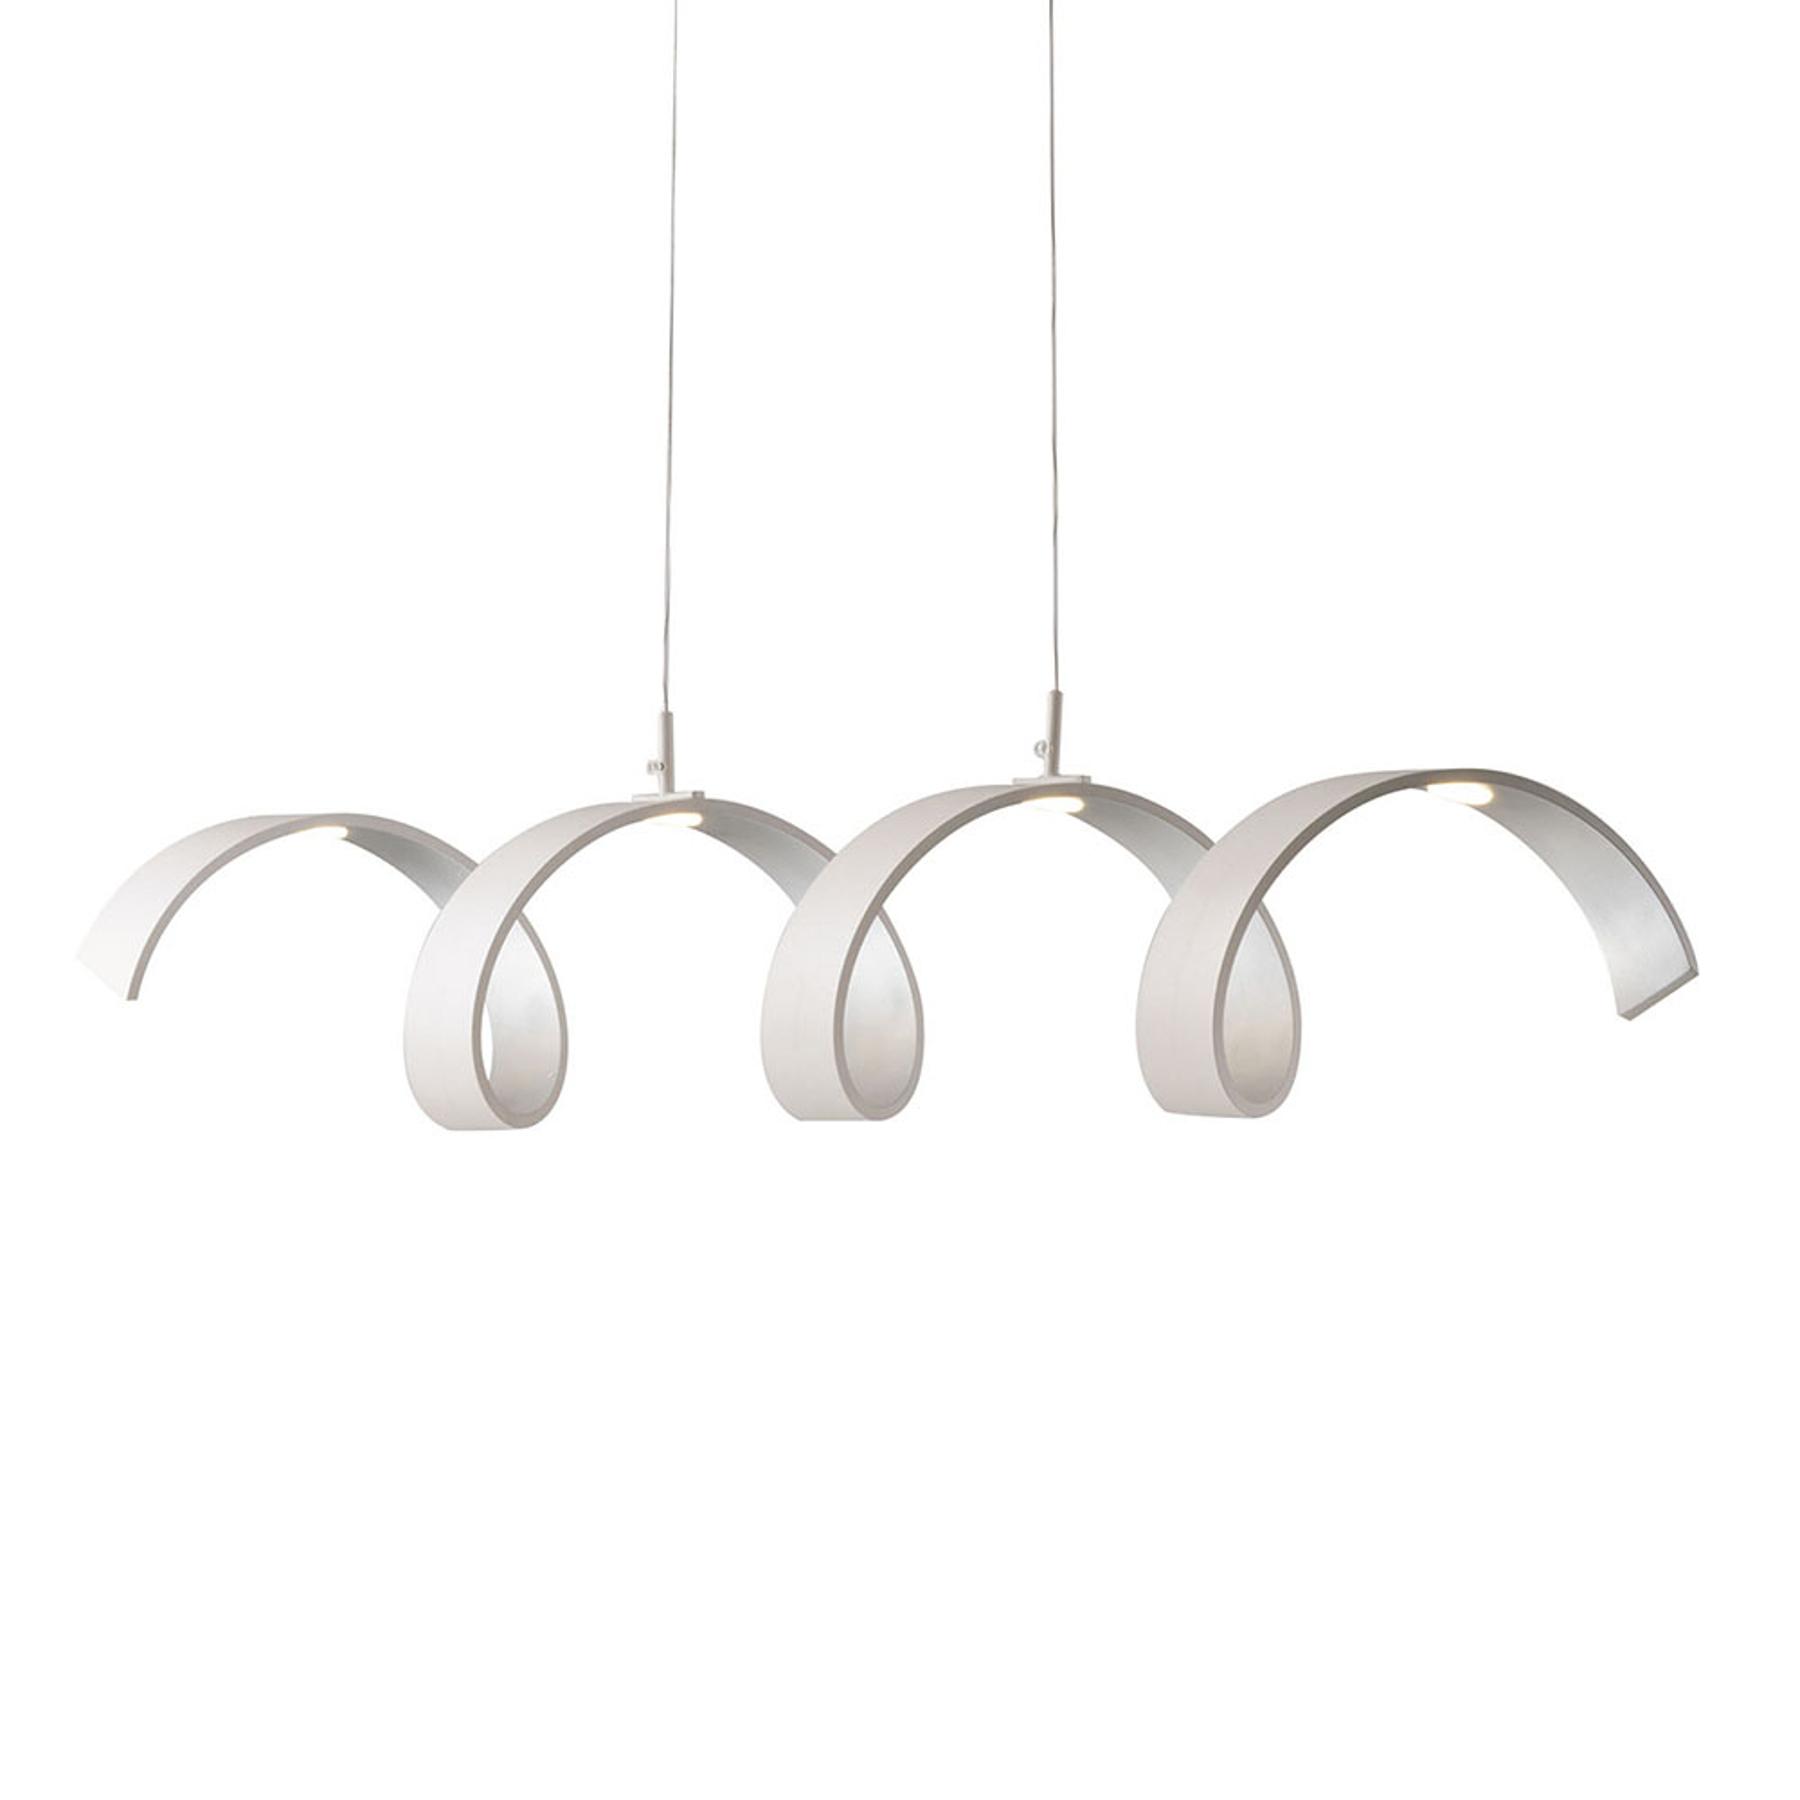 LED-Hängeleuchte Helix, weiß-silber, Länge 80 cm